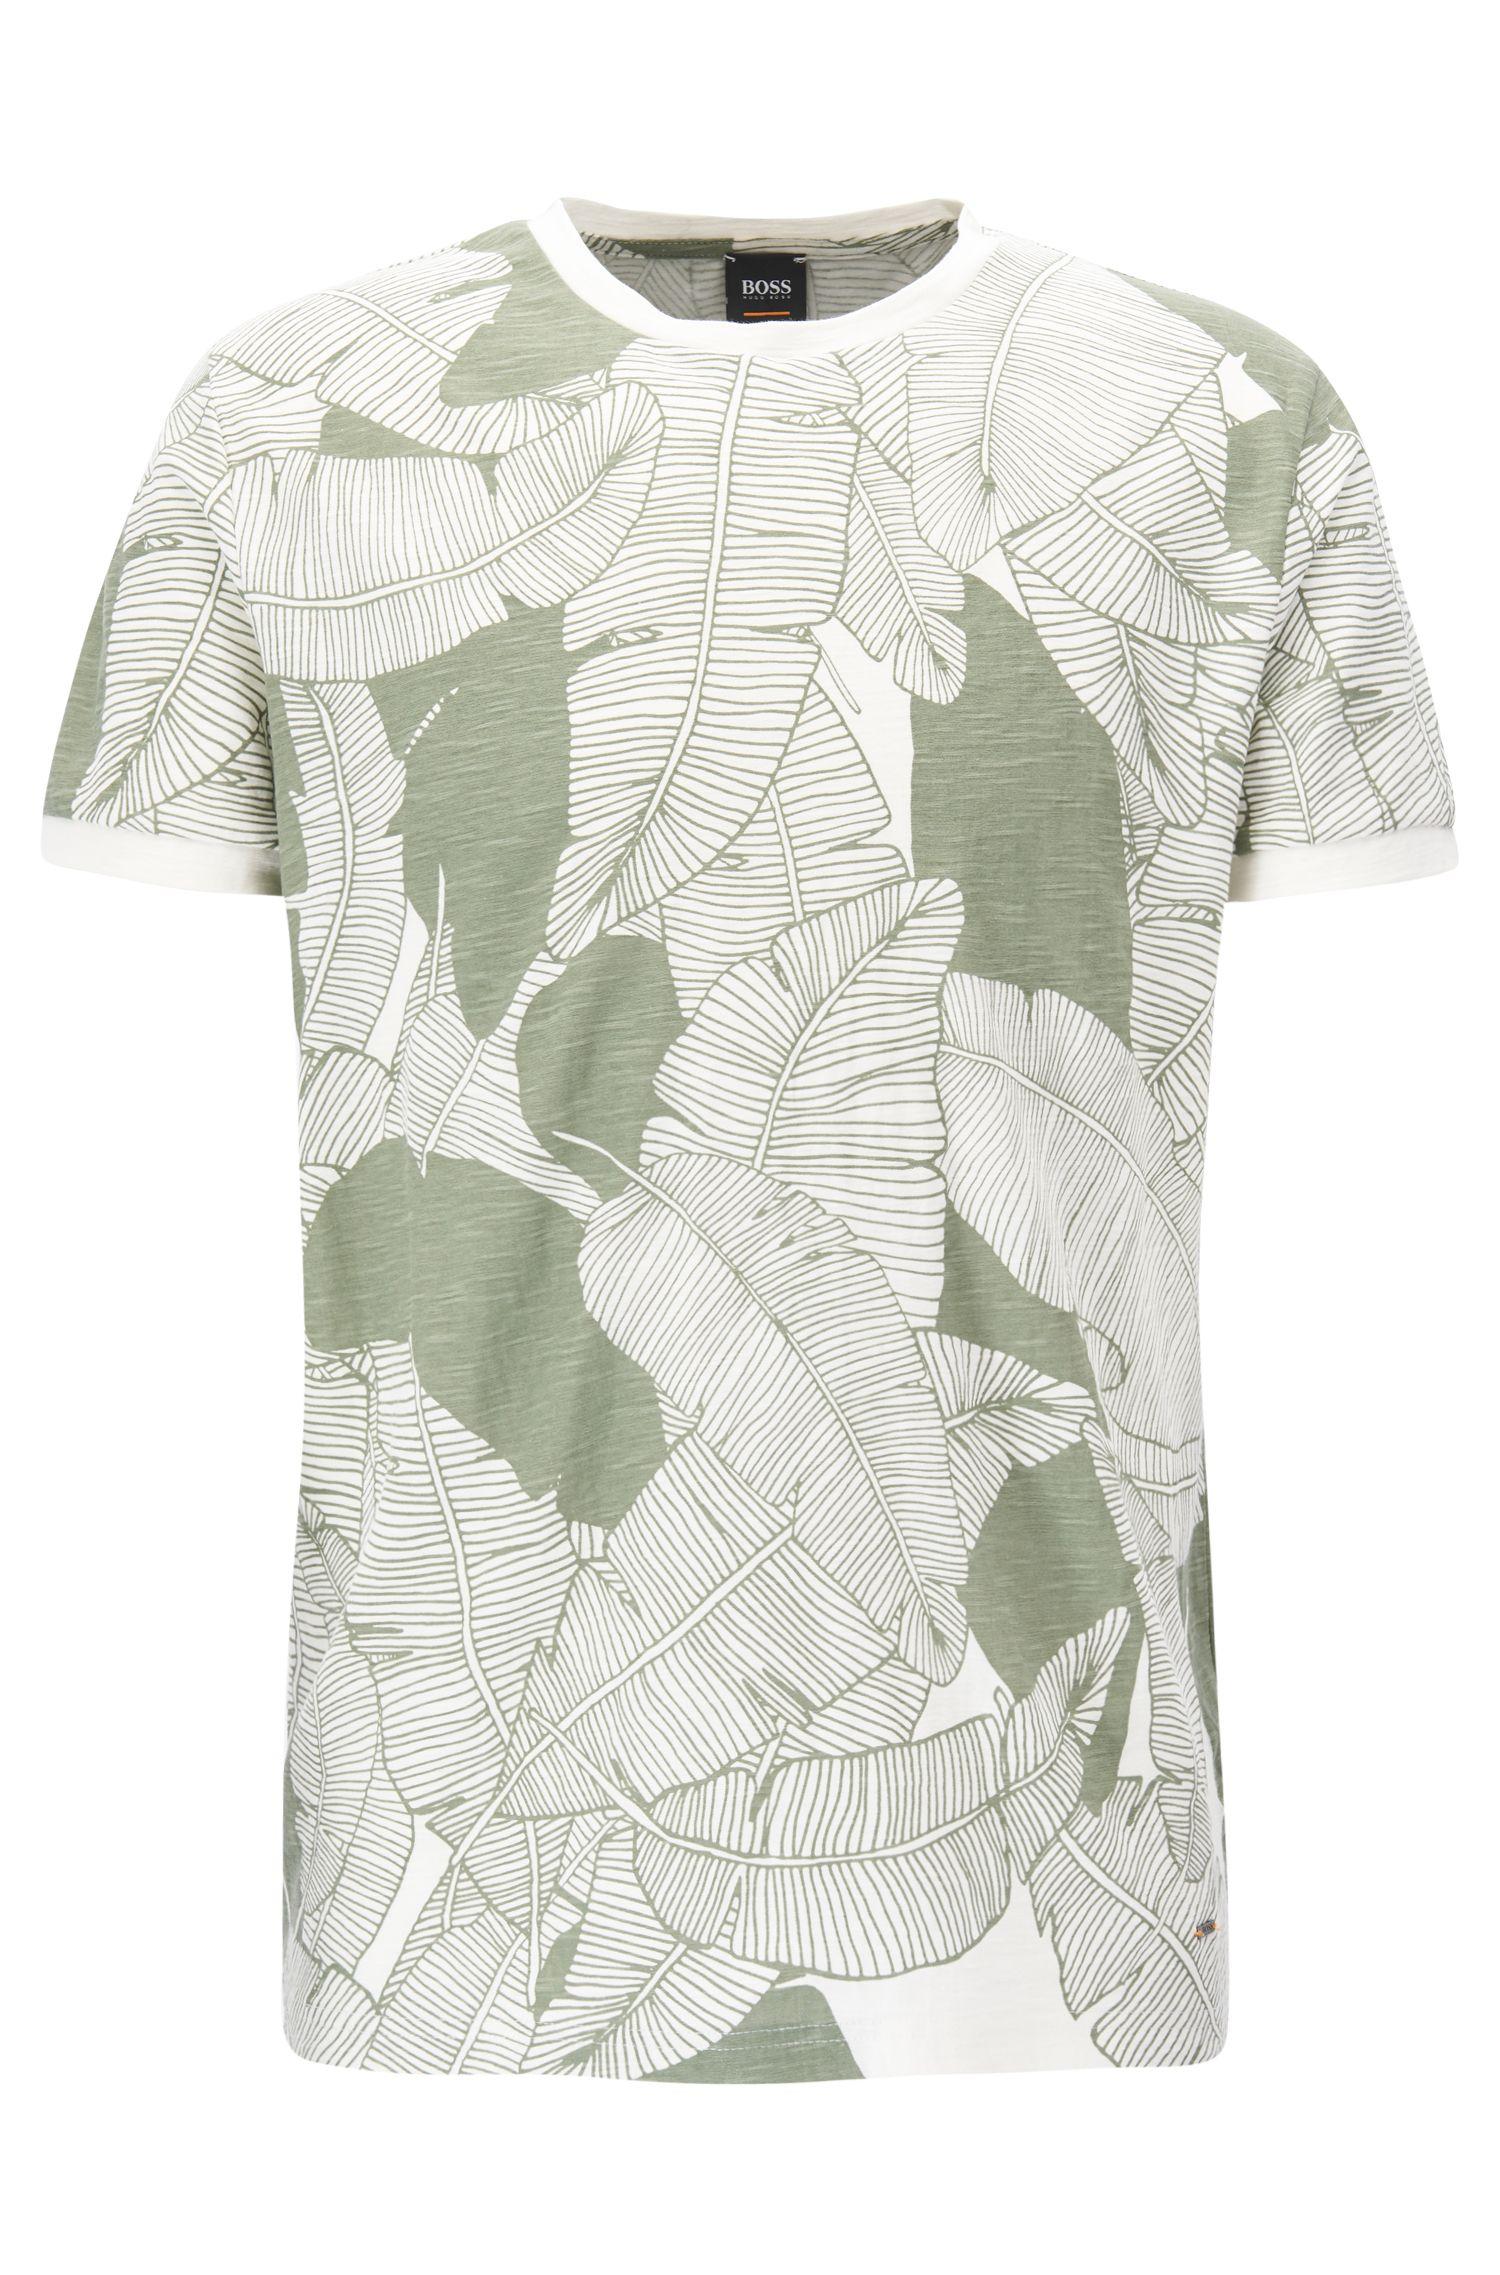 Leaf-Print Slub Jersey T-Shirt | Tarit